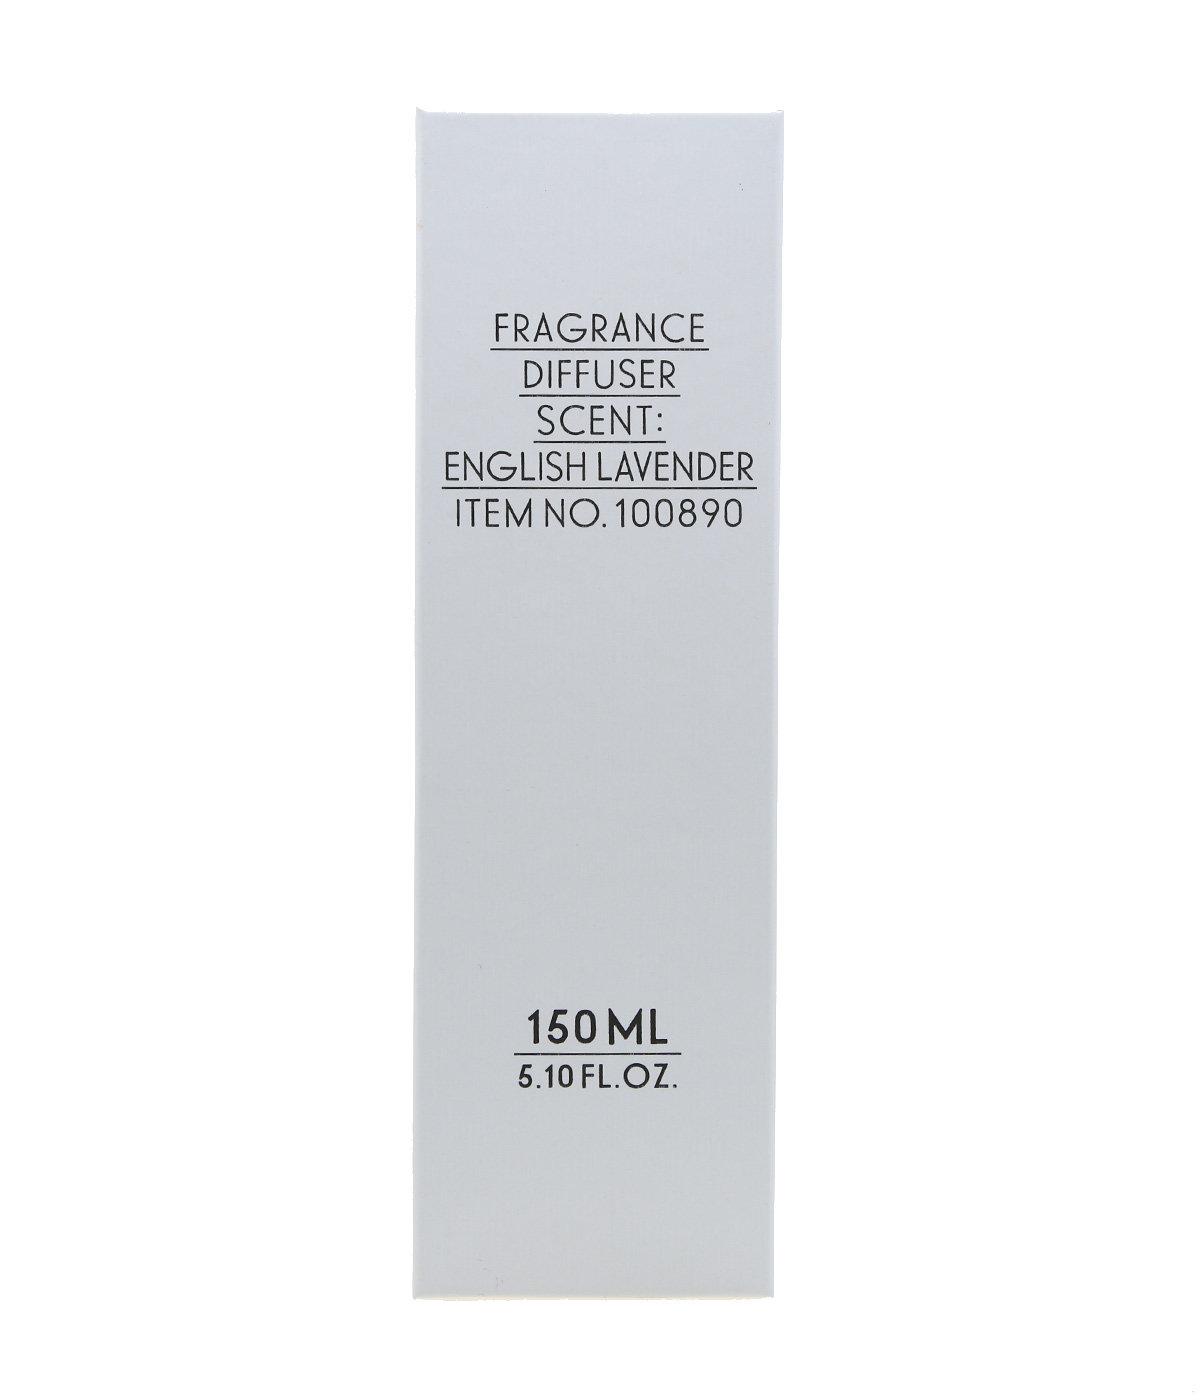 ディフューザー/PUEBCO - FRAGRANCE DIFFUSER / English Lavender